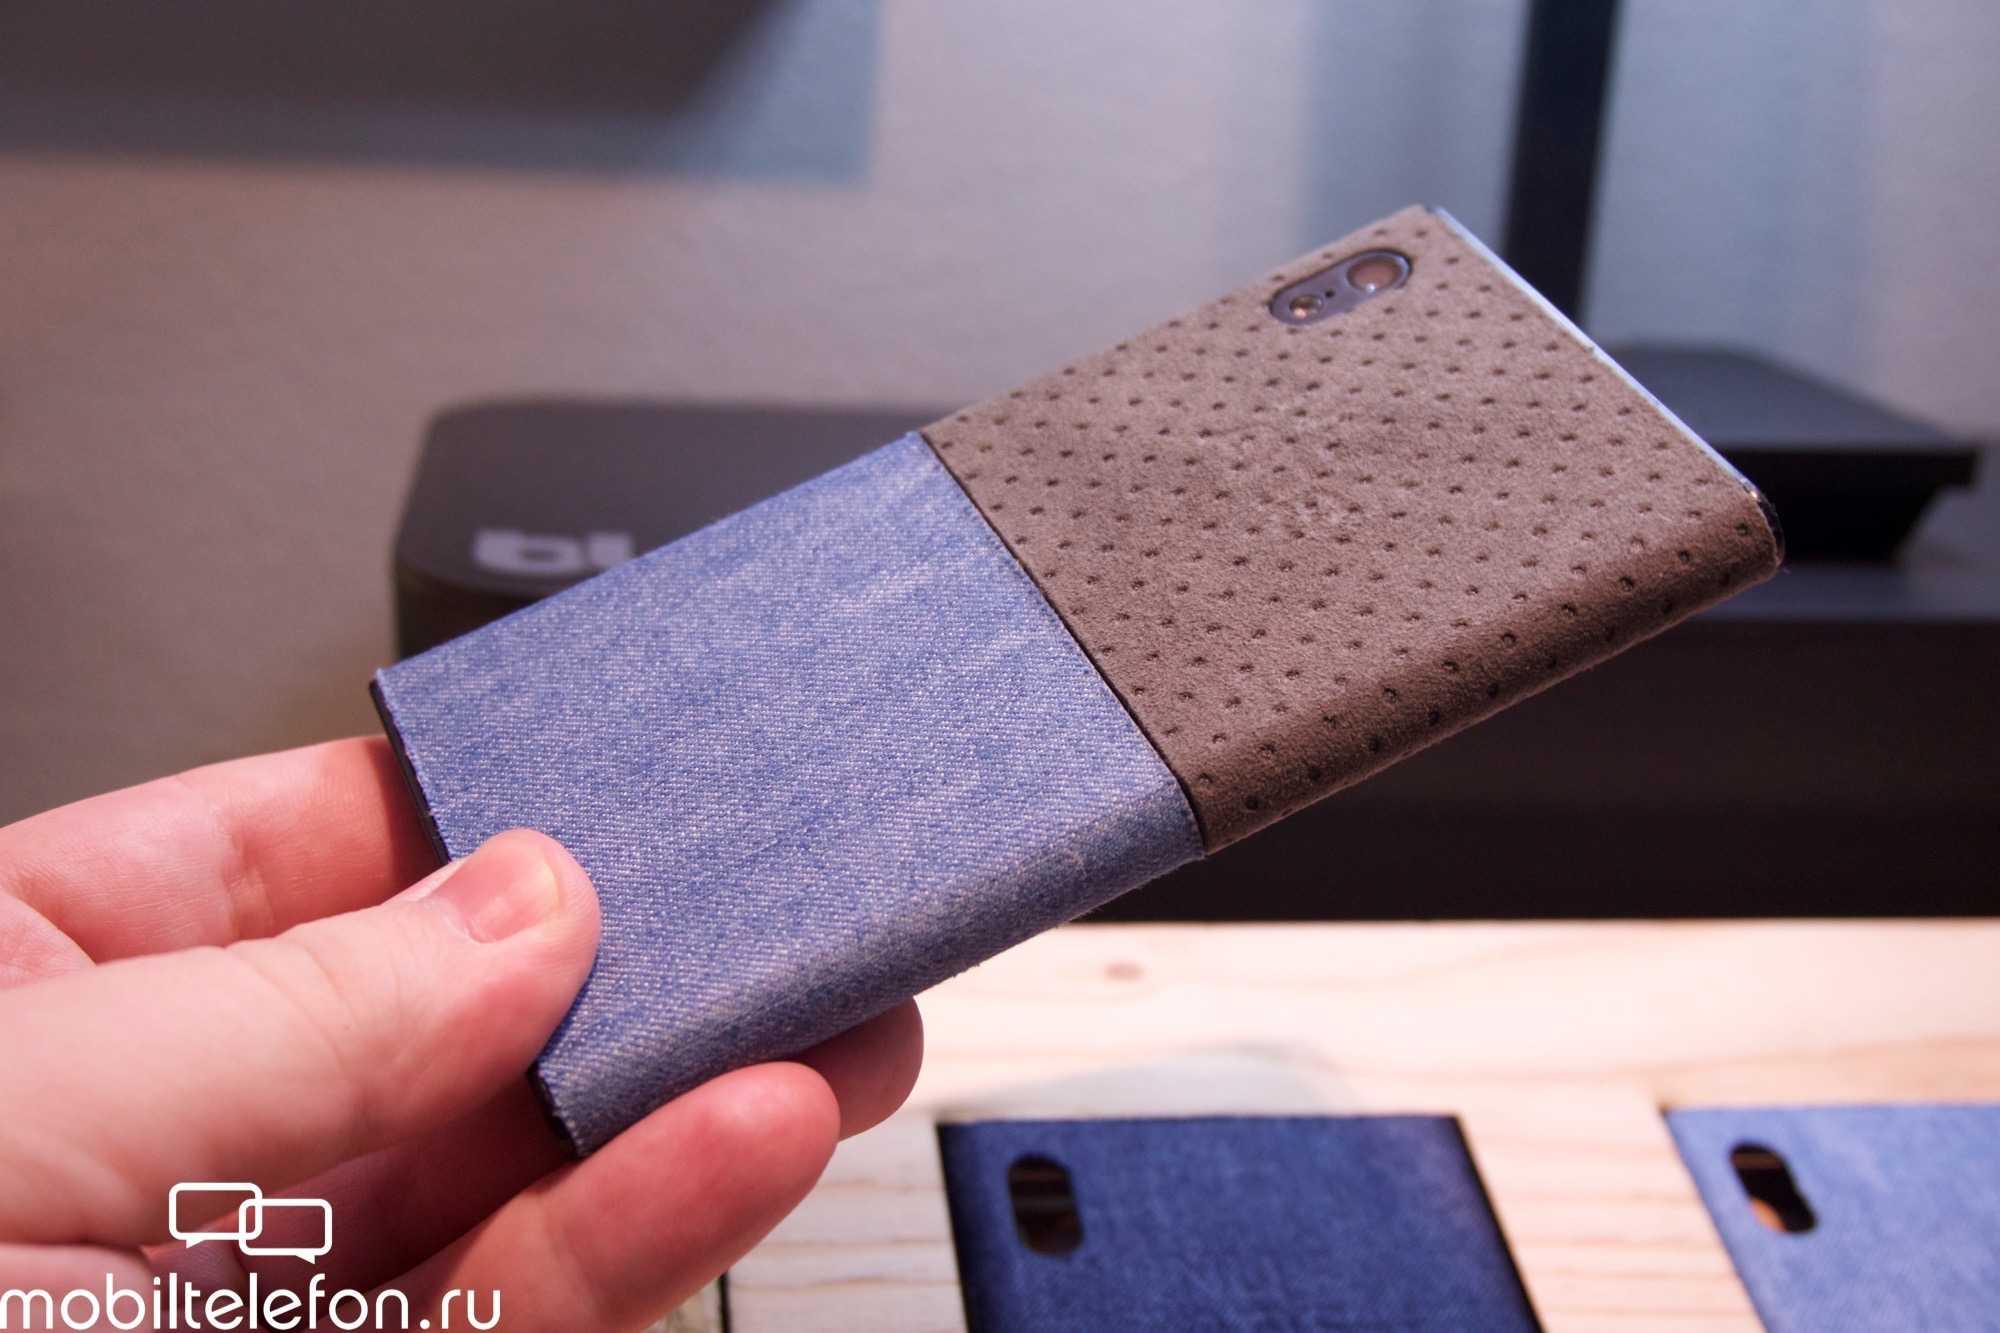 Еще в марте этого года по факту был представлен смартфон с гибким экраном серии Royole FlexPai 2 При этом никаких подробностей об этом гаджете никто не услышал так как